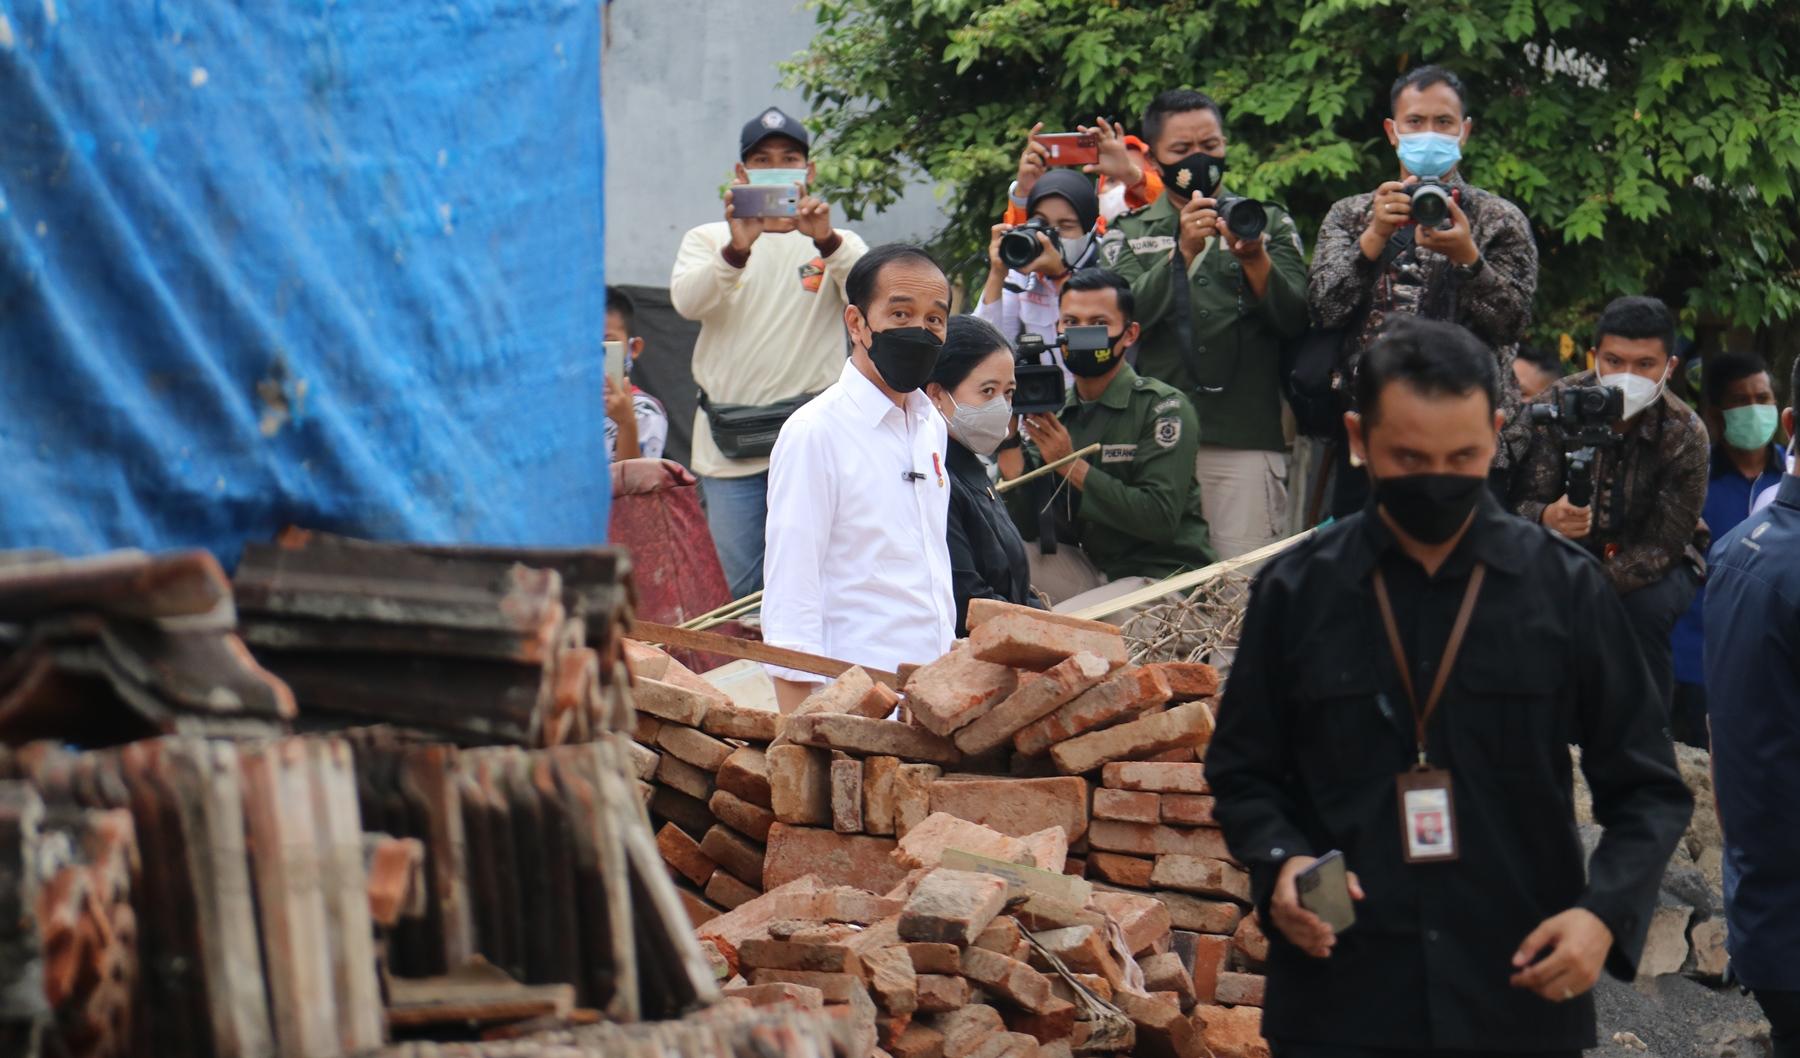 Presiden Jokjowi didampingi Ketua DPR RI, Puan Maharani, saat mengunjungi lokasi gempa di Desa Majangtengah, Dampit, Kabupaten Malang. Foto dok.